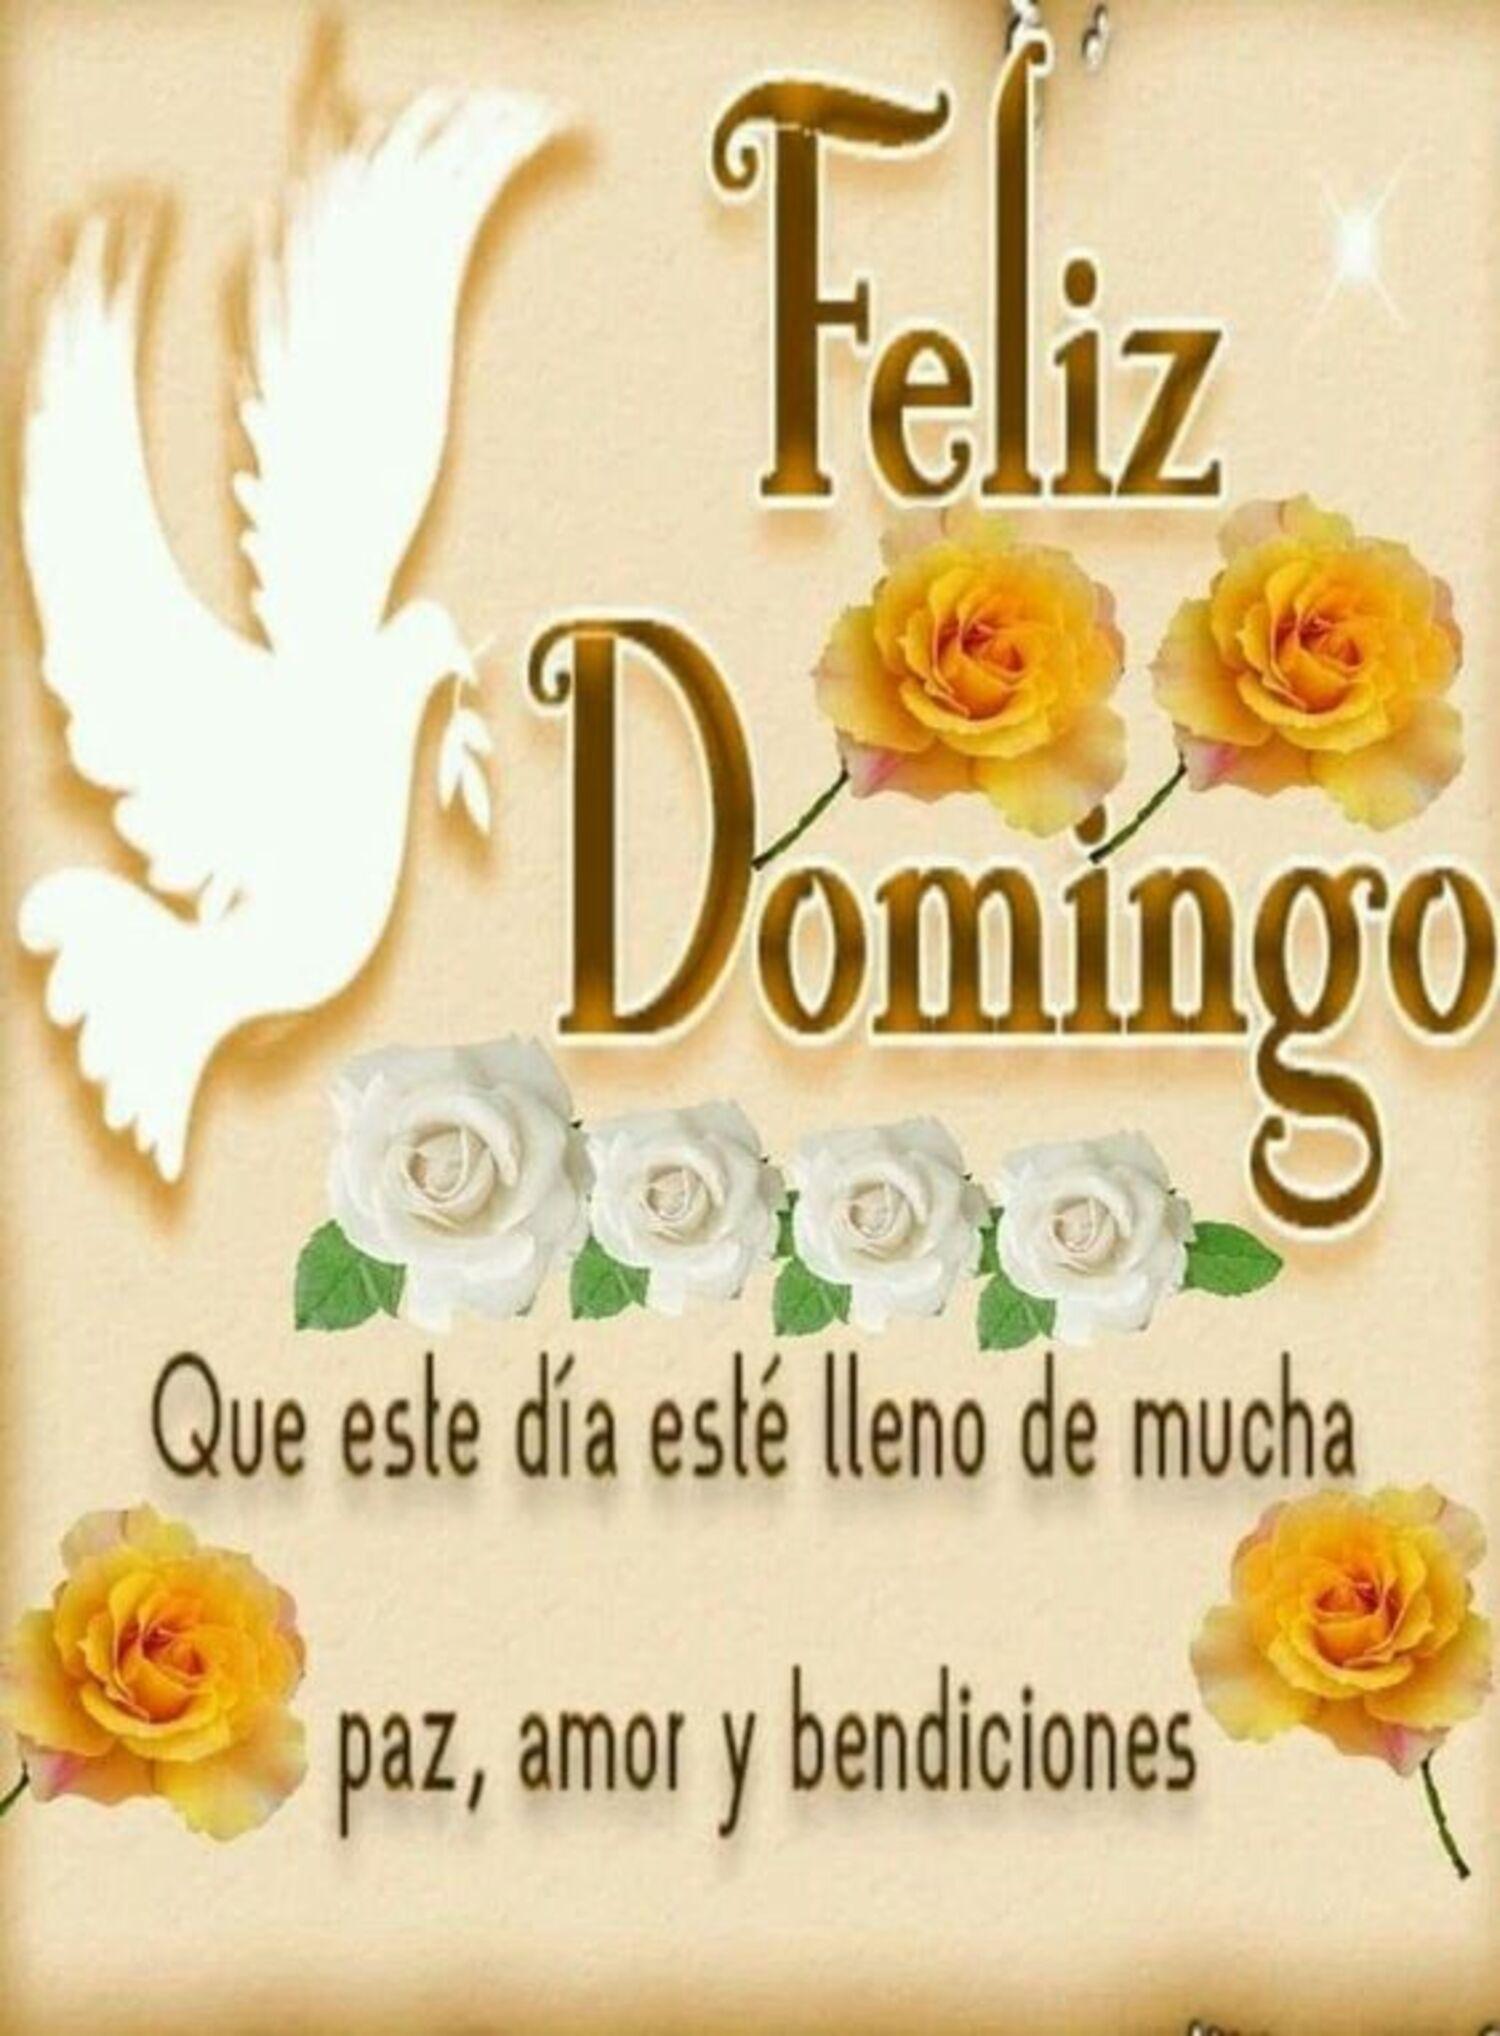 Feliz domingo que este día esté lleno de mucha paz, amor y bendiciones